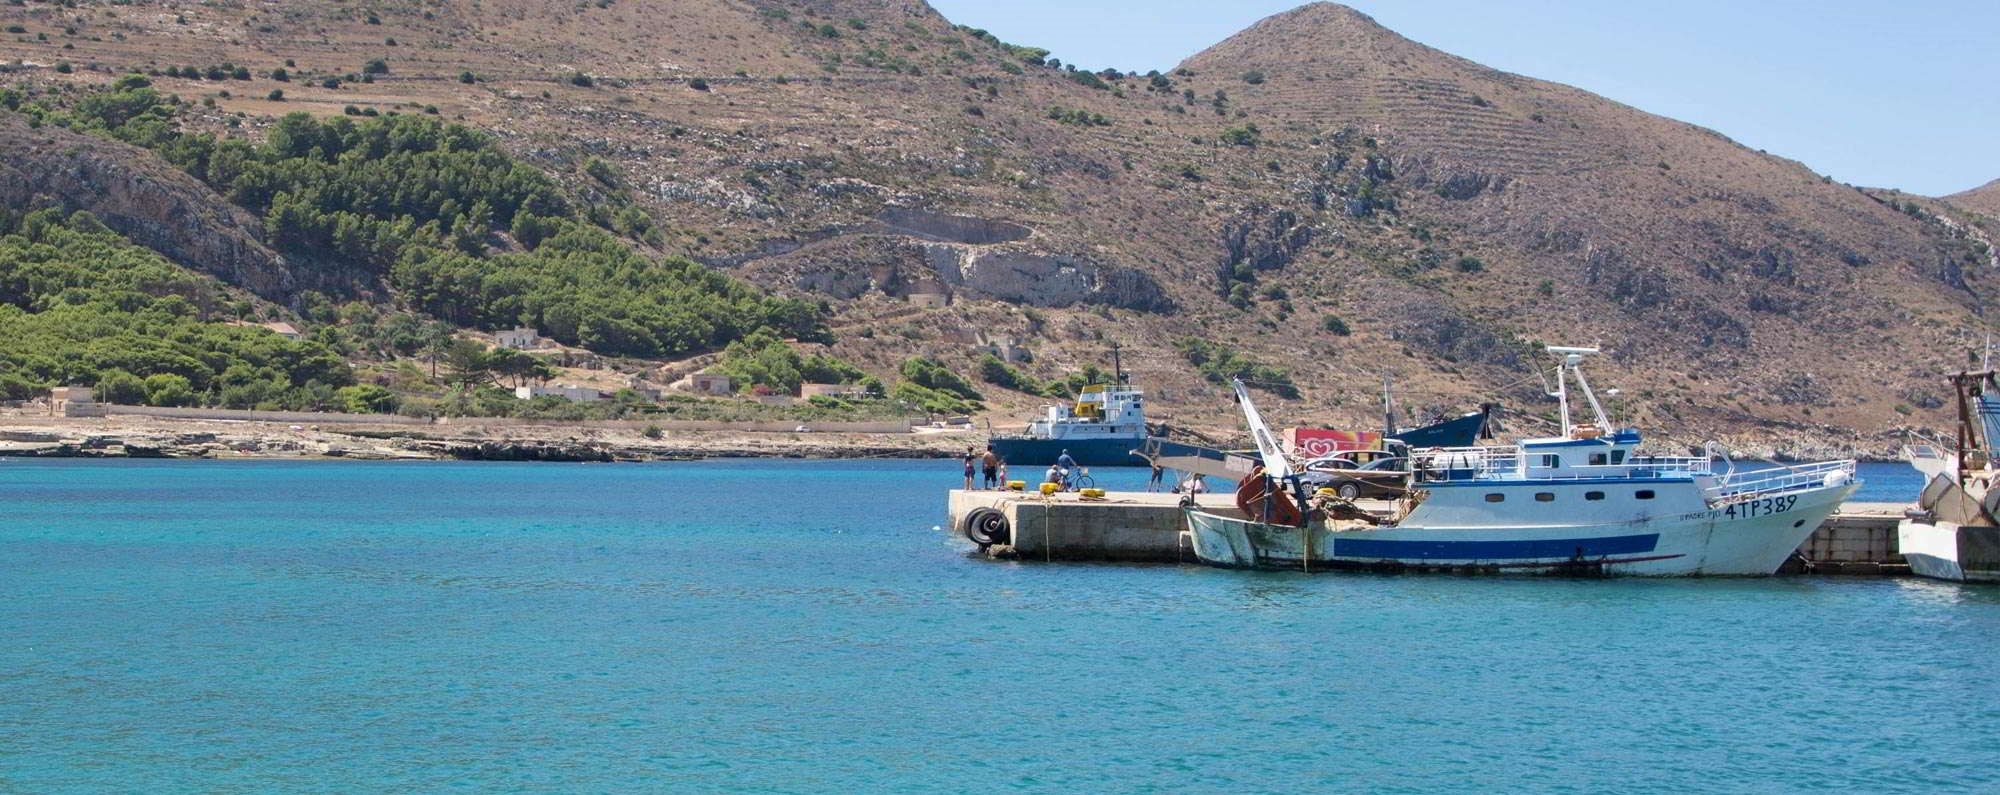 Yachtcharter Marsala